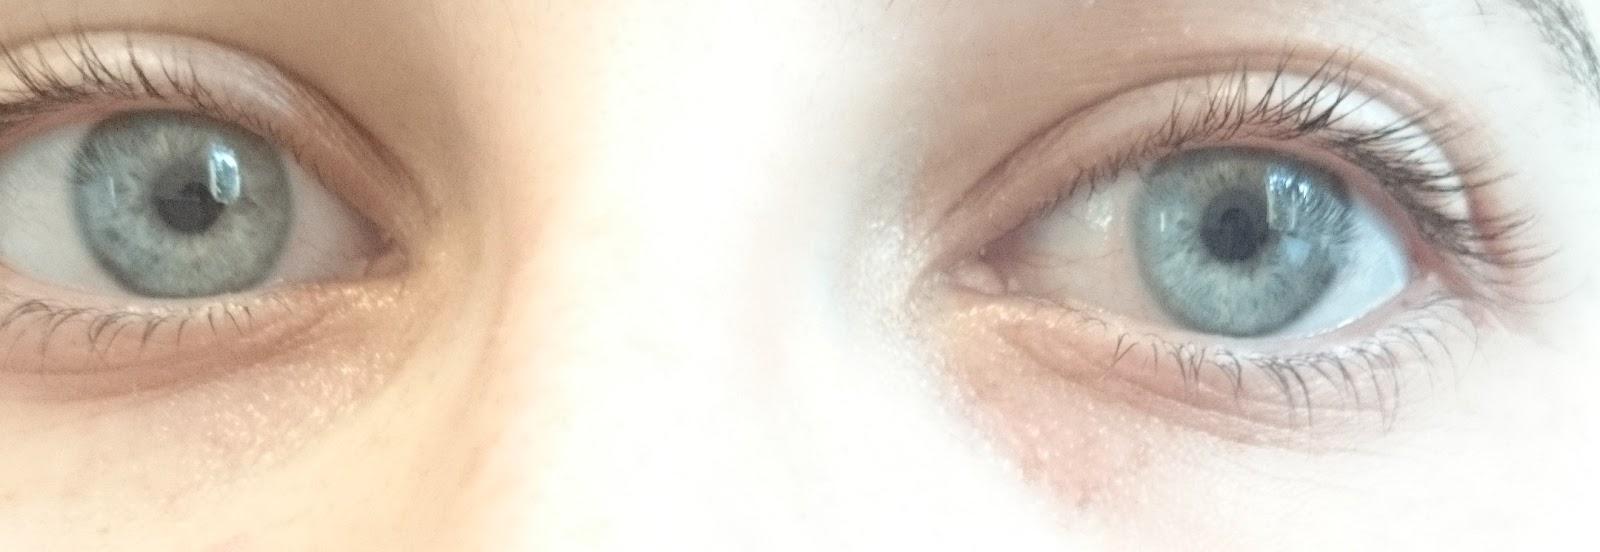 1af8913d48a Es gibt keine Frau, die nicht gerne schöne Wimpern hätte. Schädliche  Nebenwirkungen sind bisher keine bekannt. Nach nur 14 Tagen konnten  Testerinnen ein ...